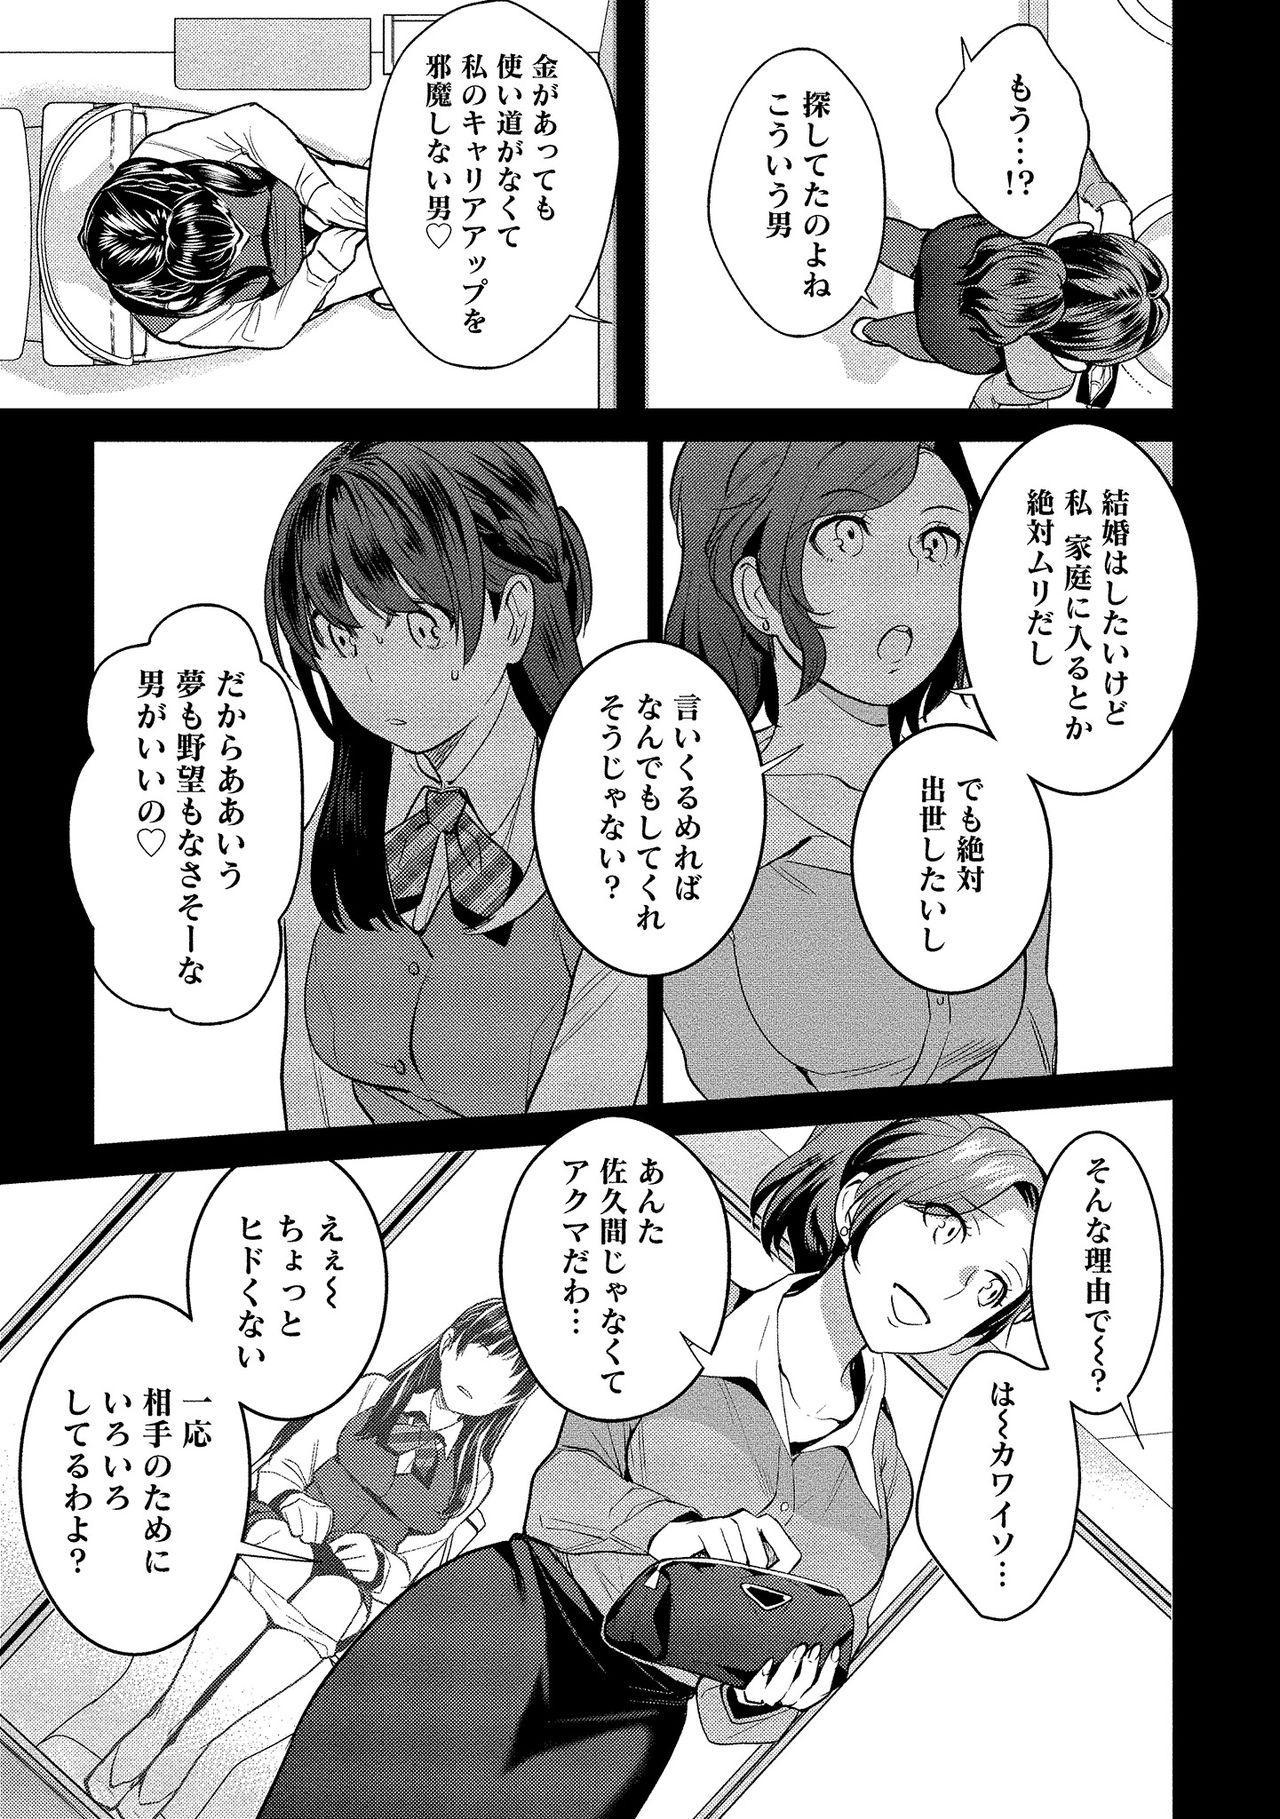 Dorobou Neko wa Kanojo no Hajimari 183